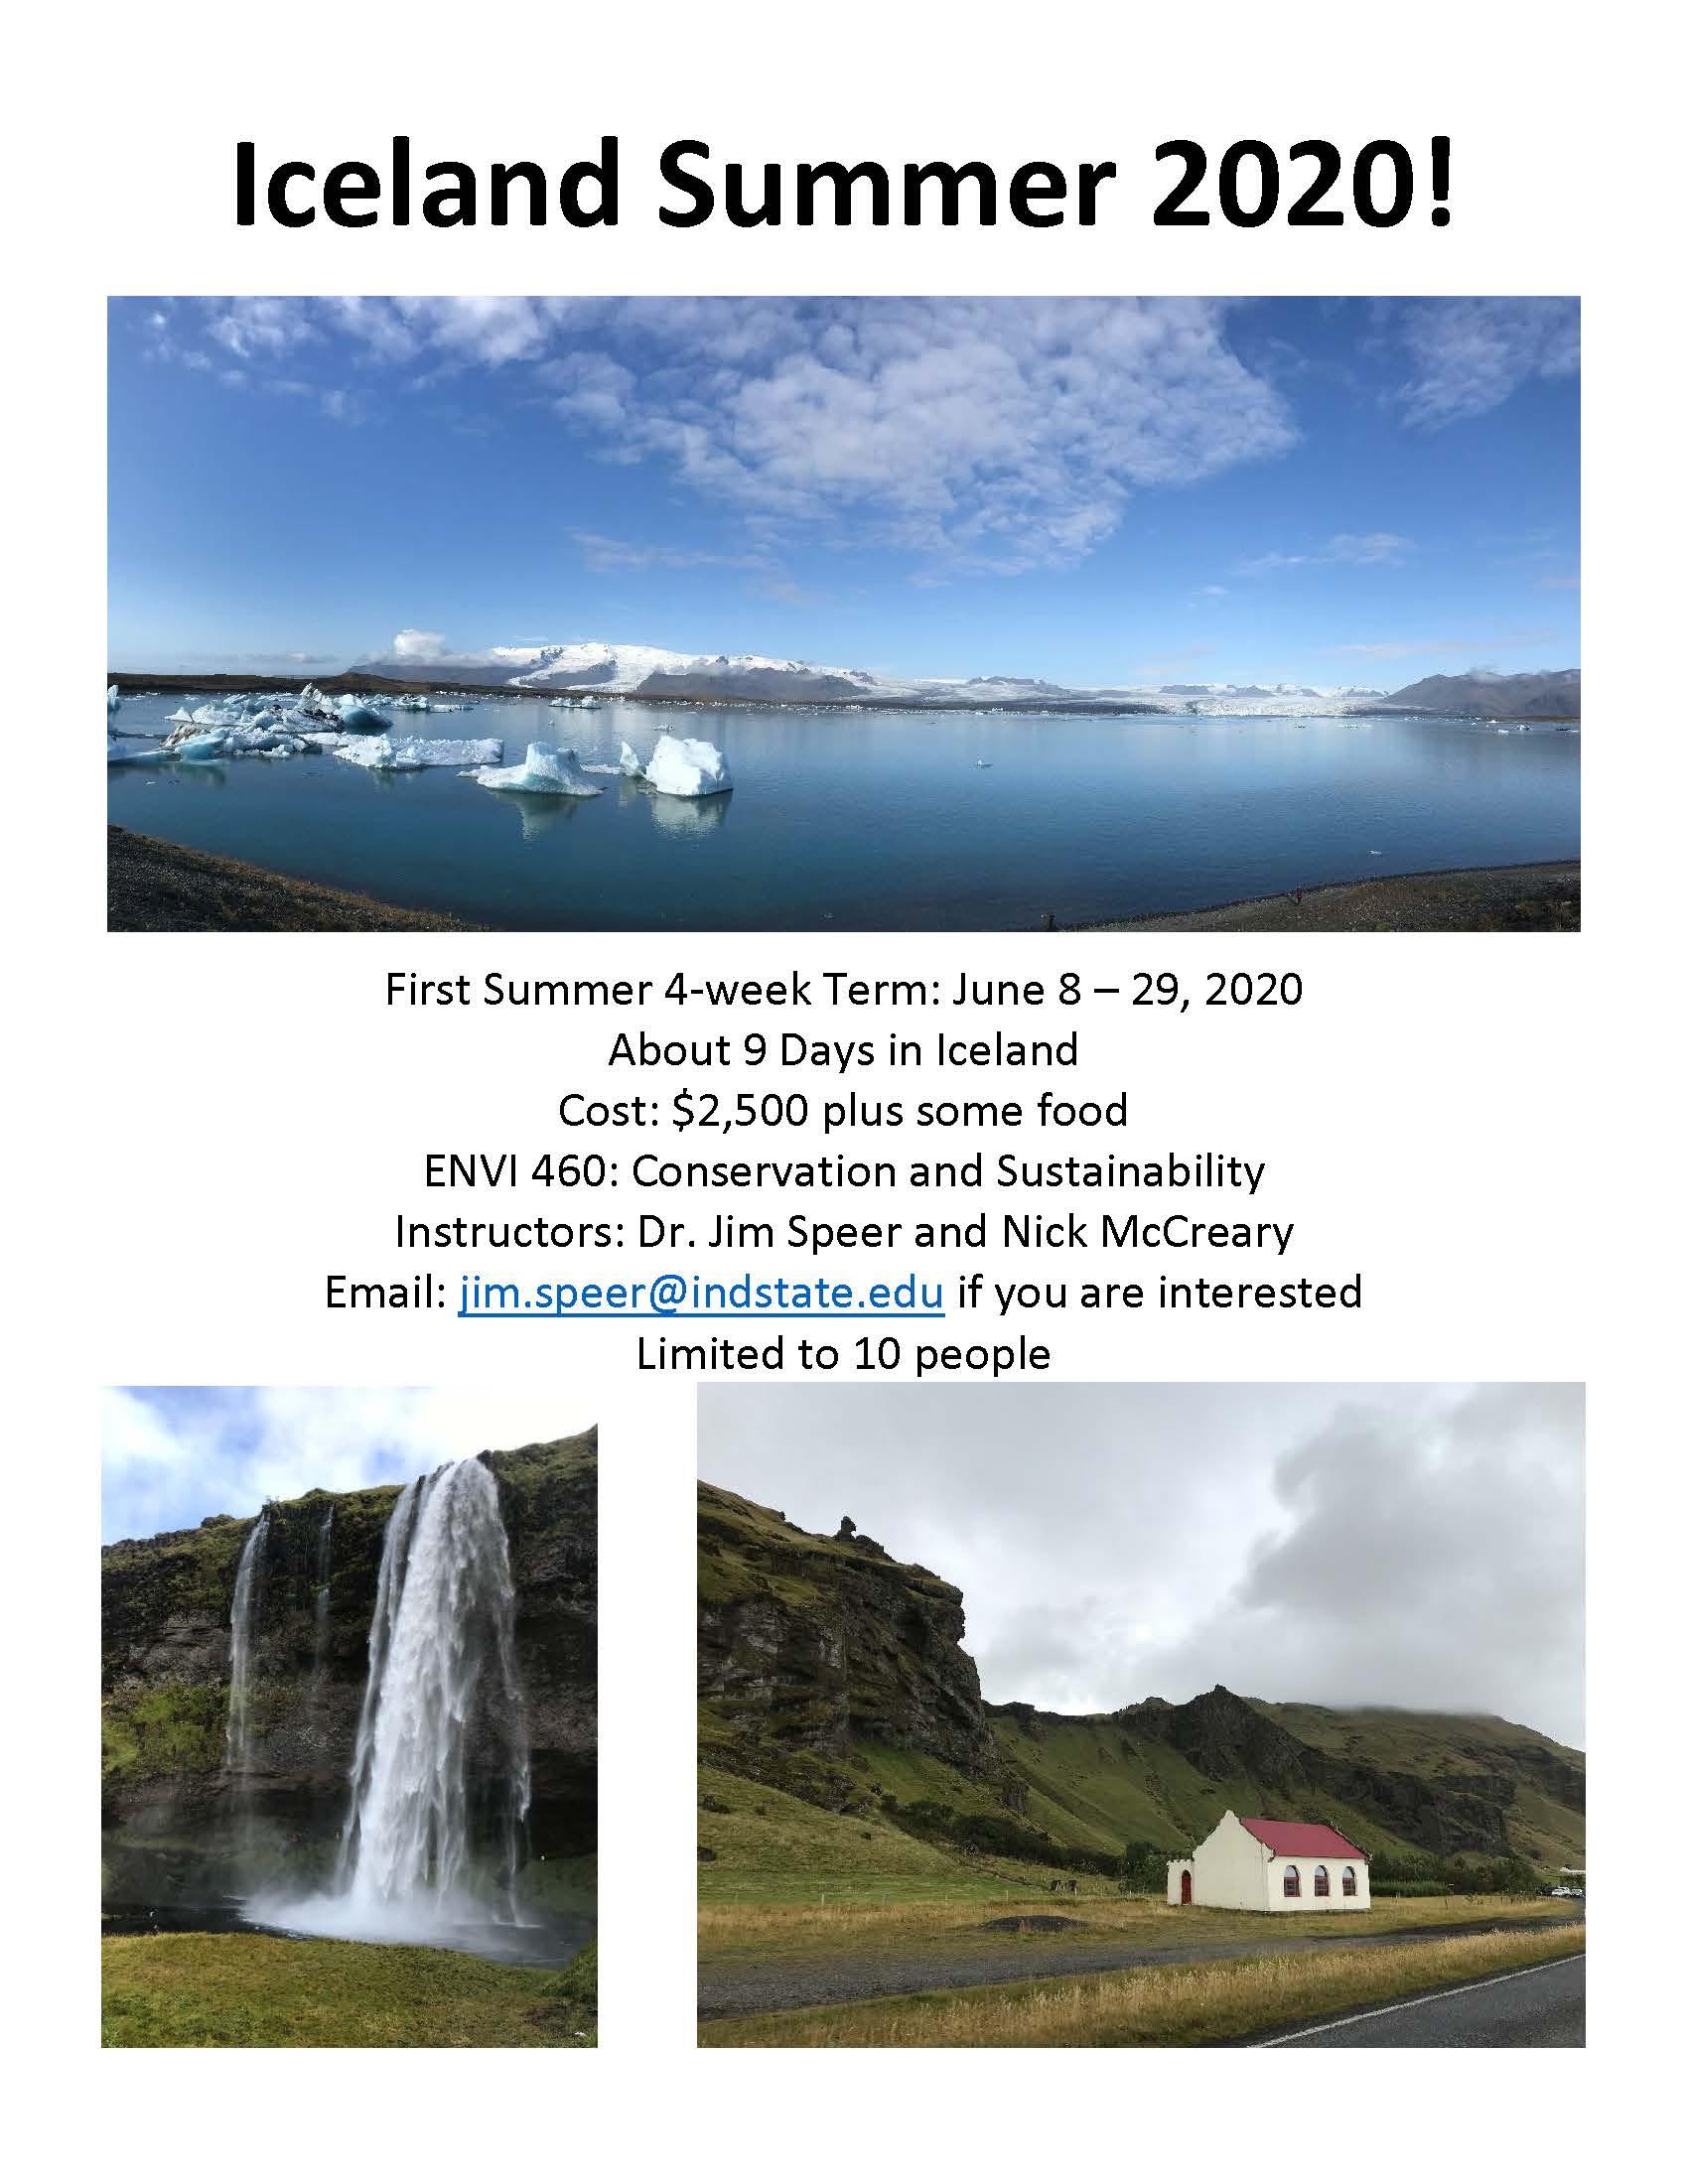 Iceland Summer 2020 Flier.jpg